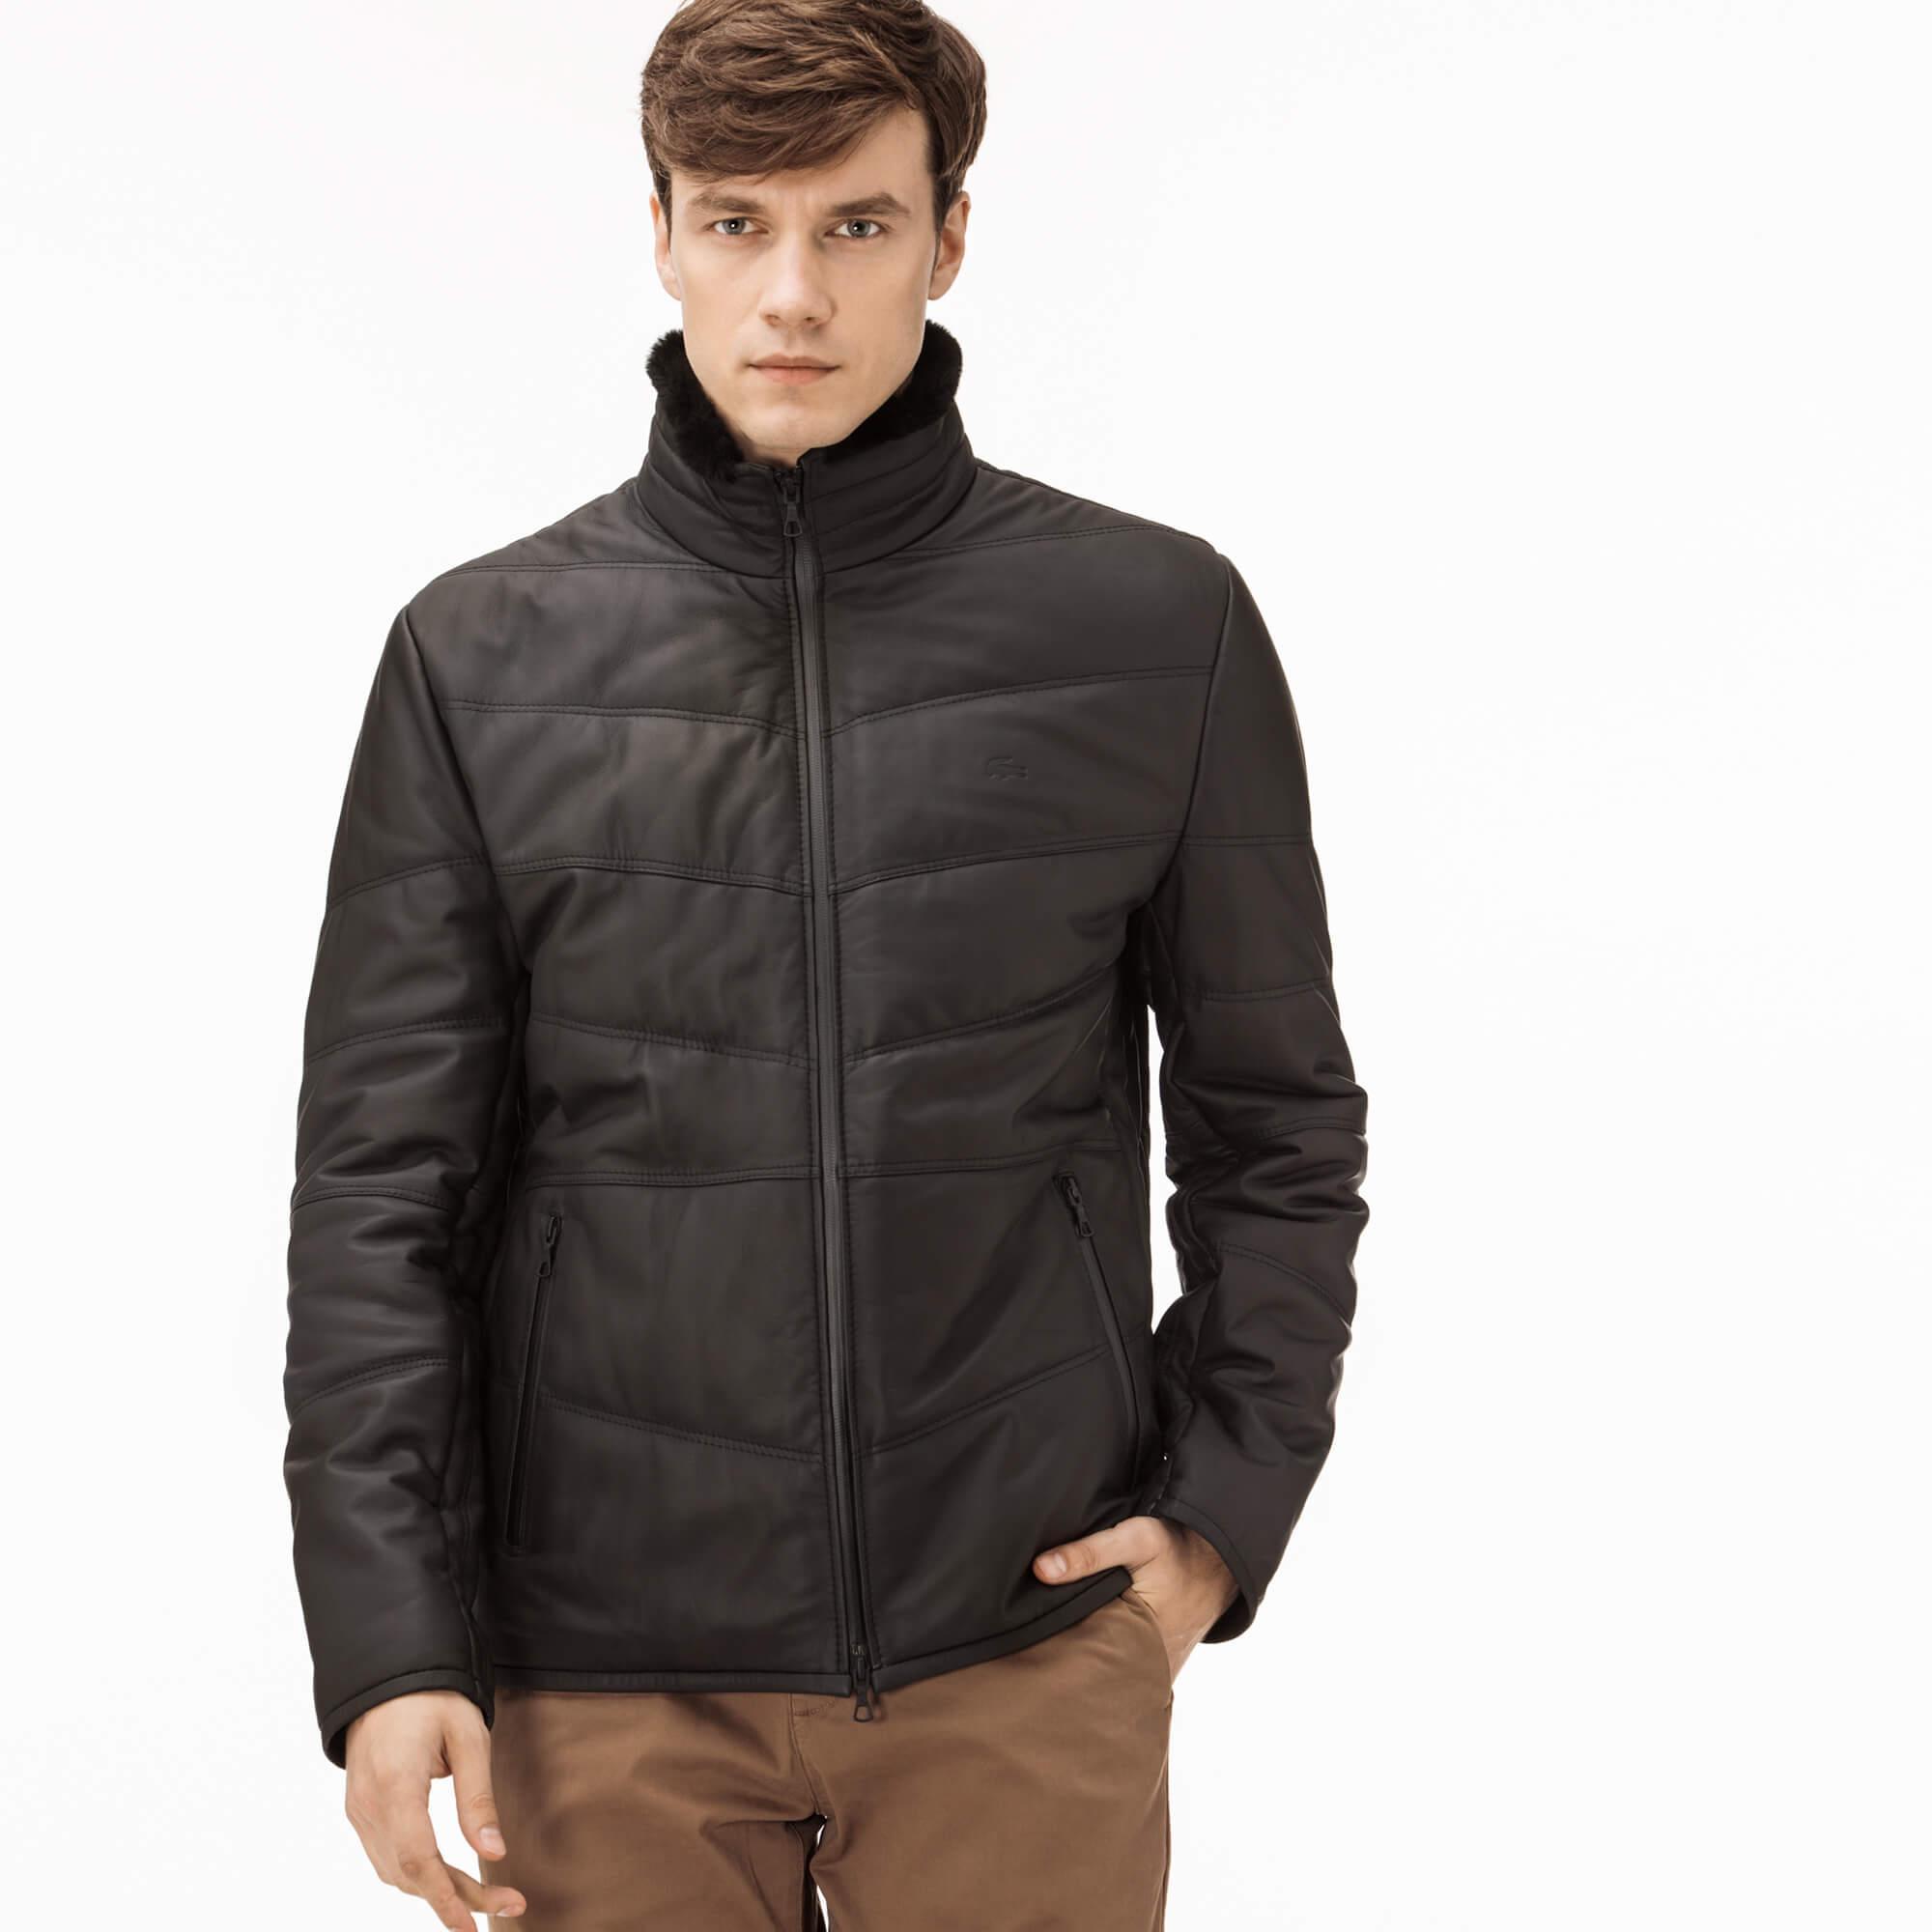 Купить Куртка Lacoste, коричневый, BH1942